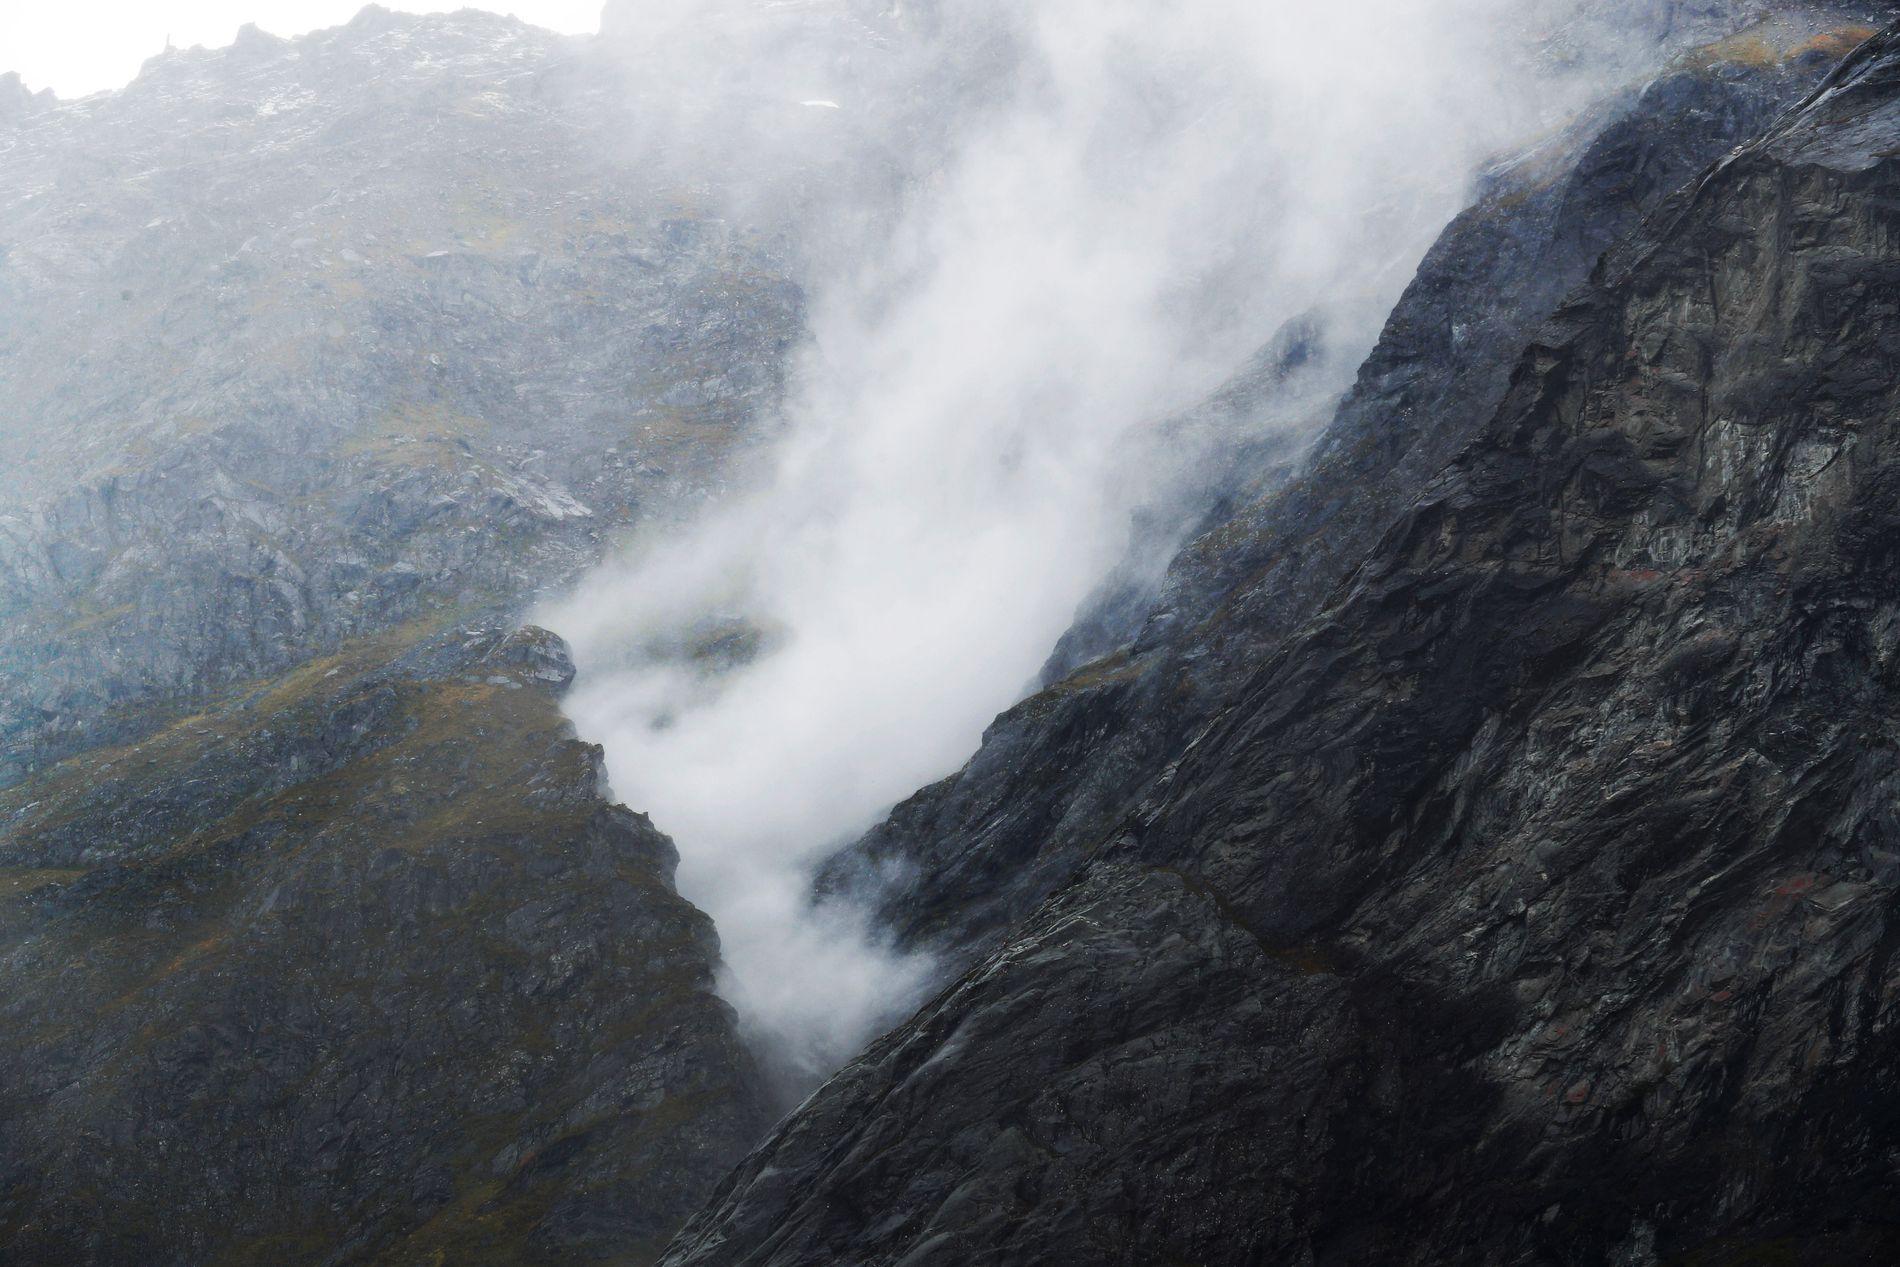 BULDRER: Kampesteiner buldret nedover fjellveggen og virvler opp støvskyer.